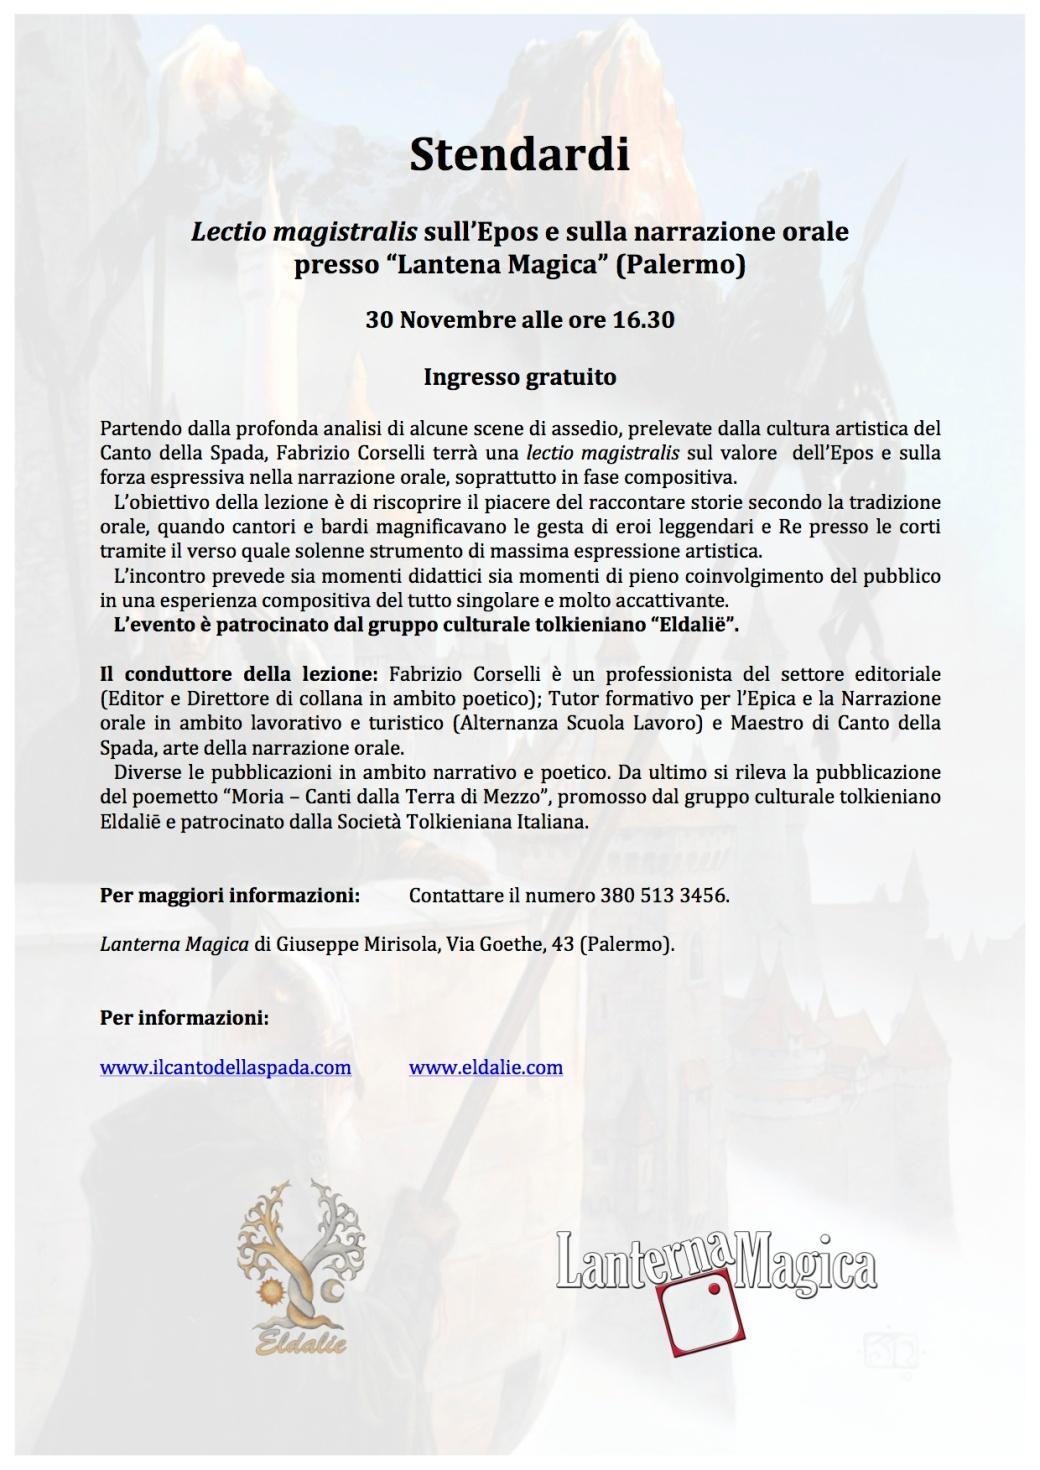 Stendardi - Evento 30 Novembre Locandina